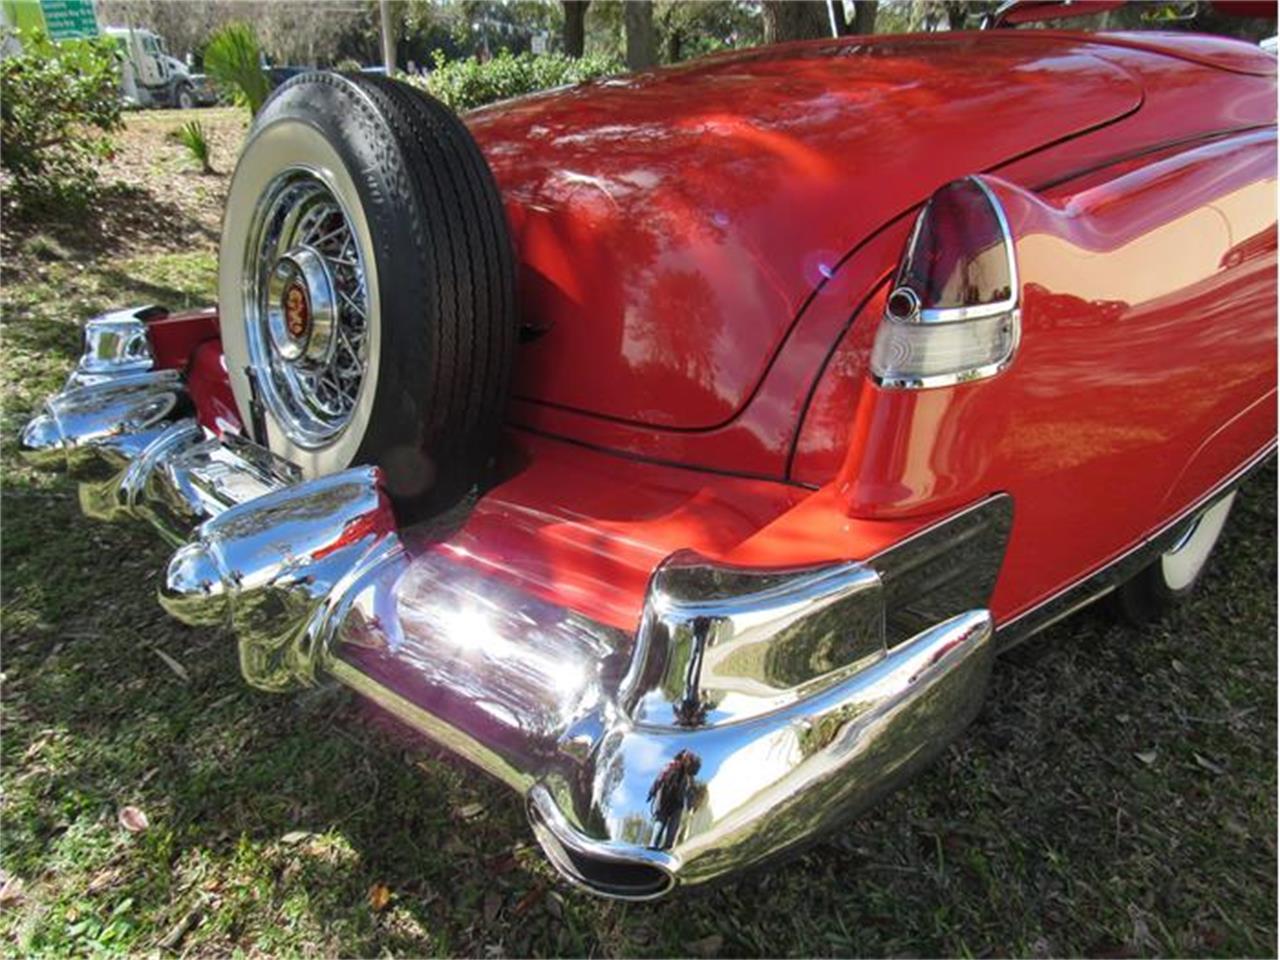 Large Picture of 1953 Cadillac Eldorado located in Florida - $274,500.00 - GJKK